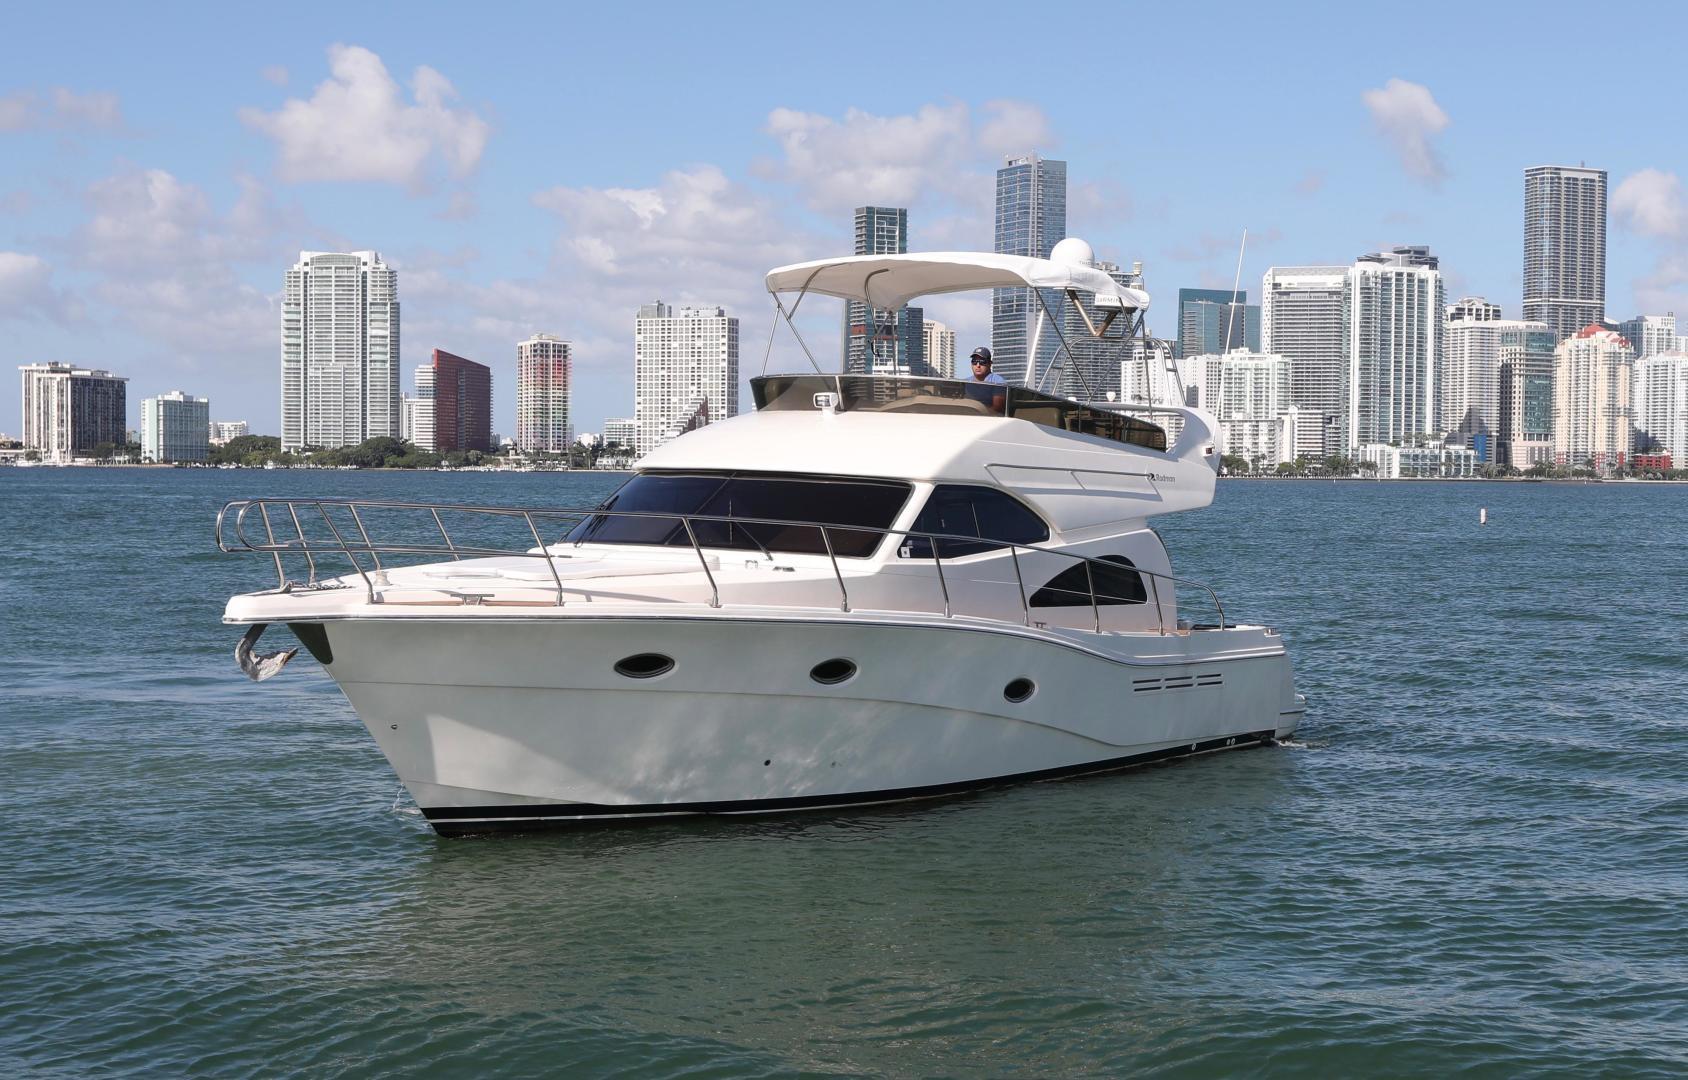 Rodman-Flybridge 2004-La Meli Miami Beach-Florida-United States-1566546 | Thumbnail